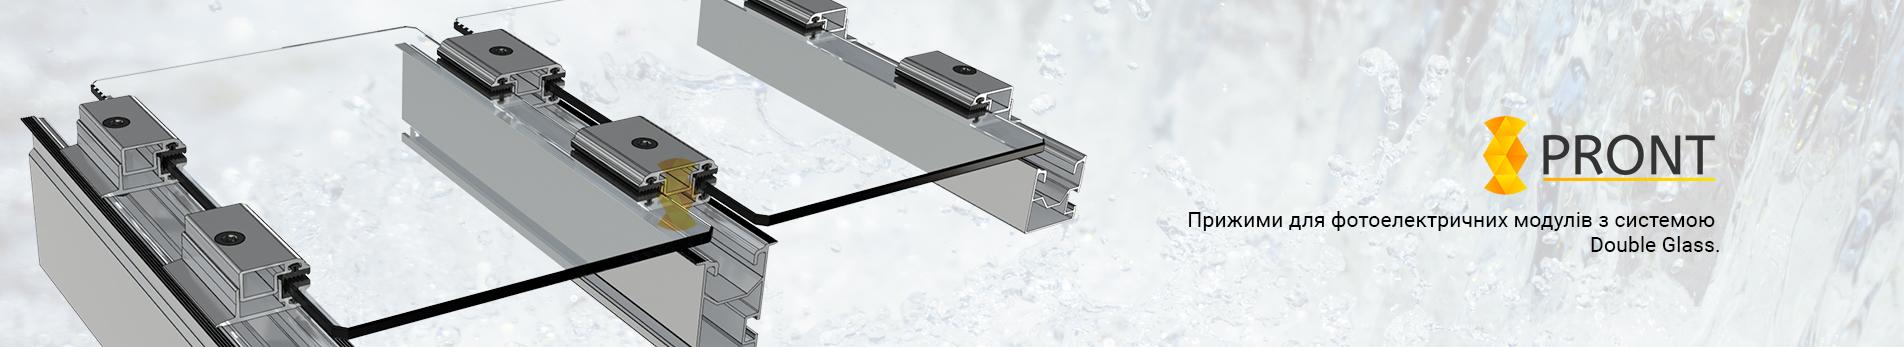 Приклад використання системи кріплення для скляних фотомодулів або скла